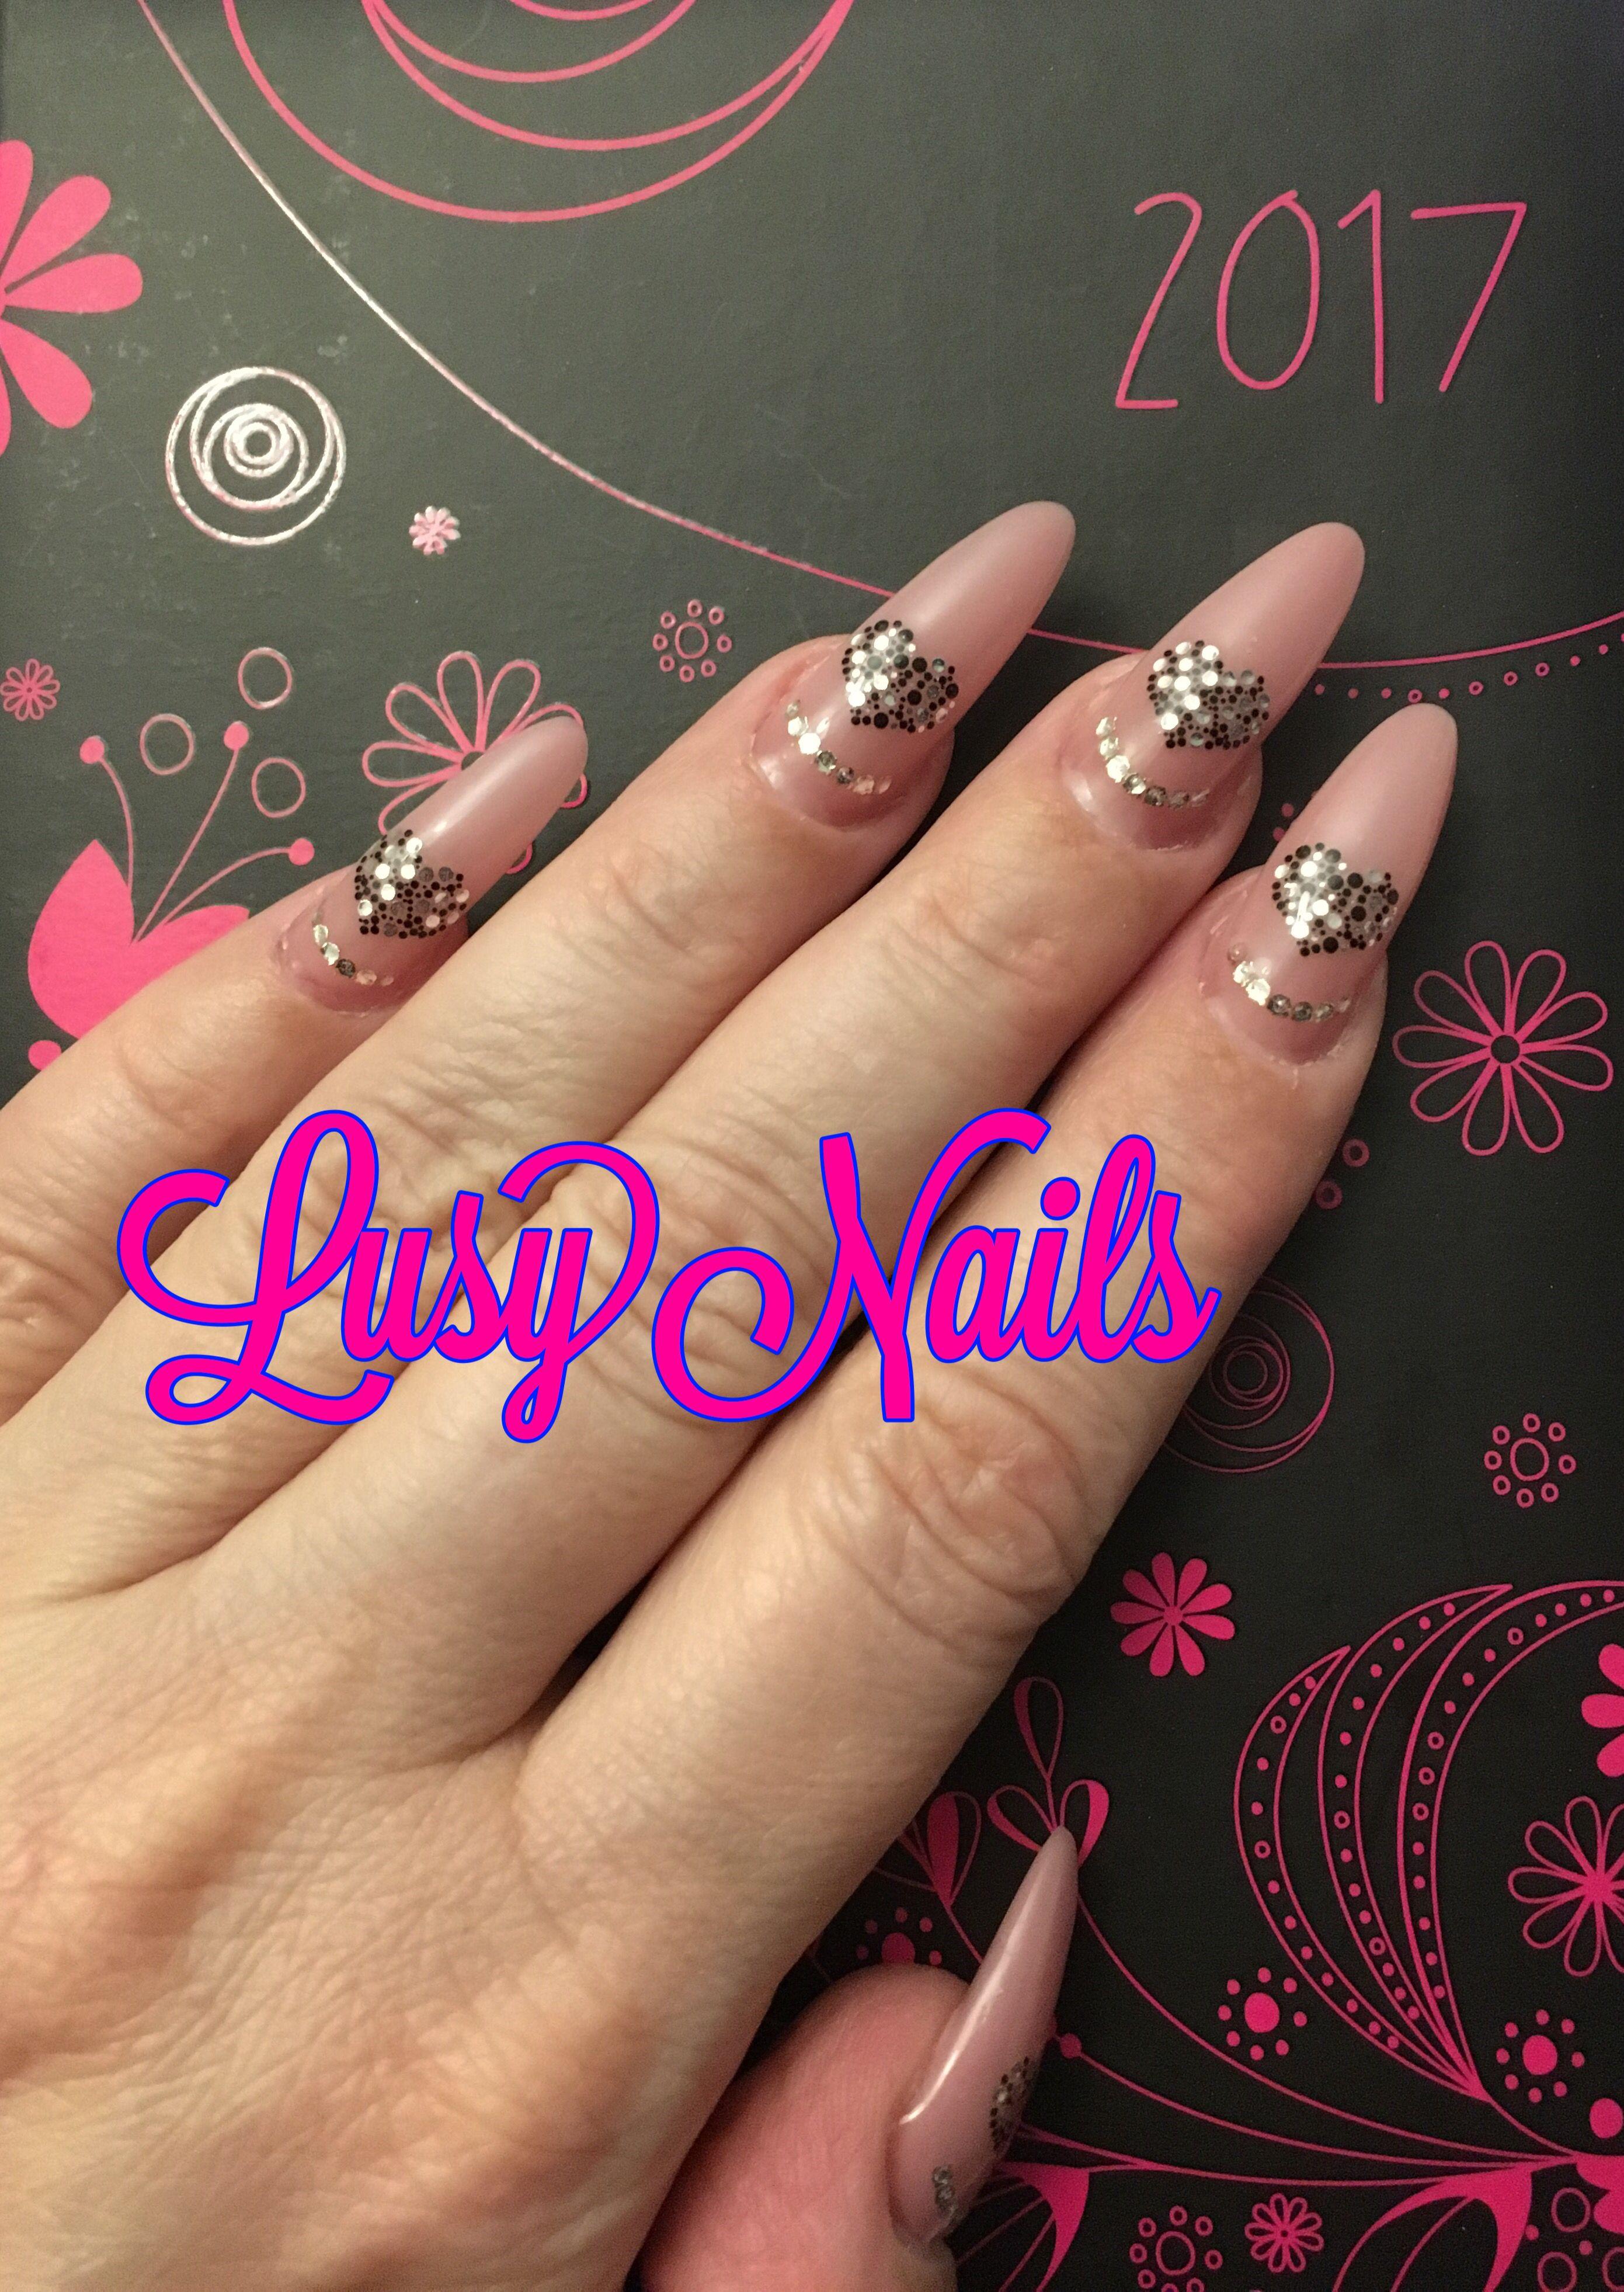 My nails 😎